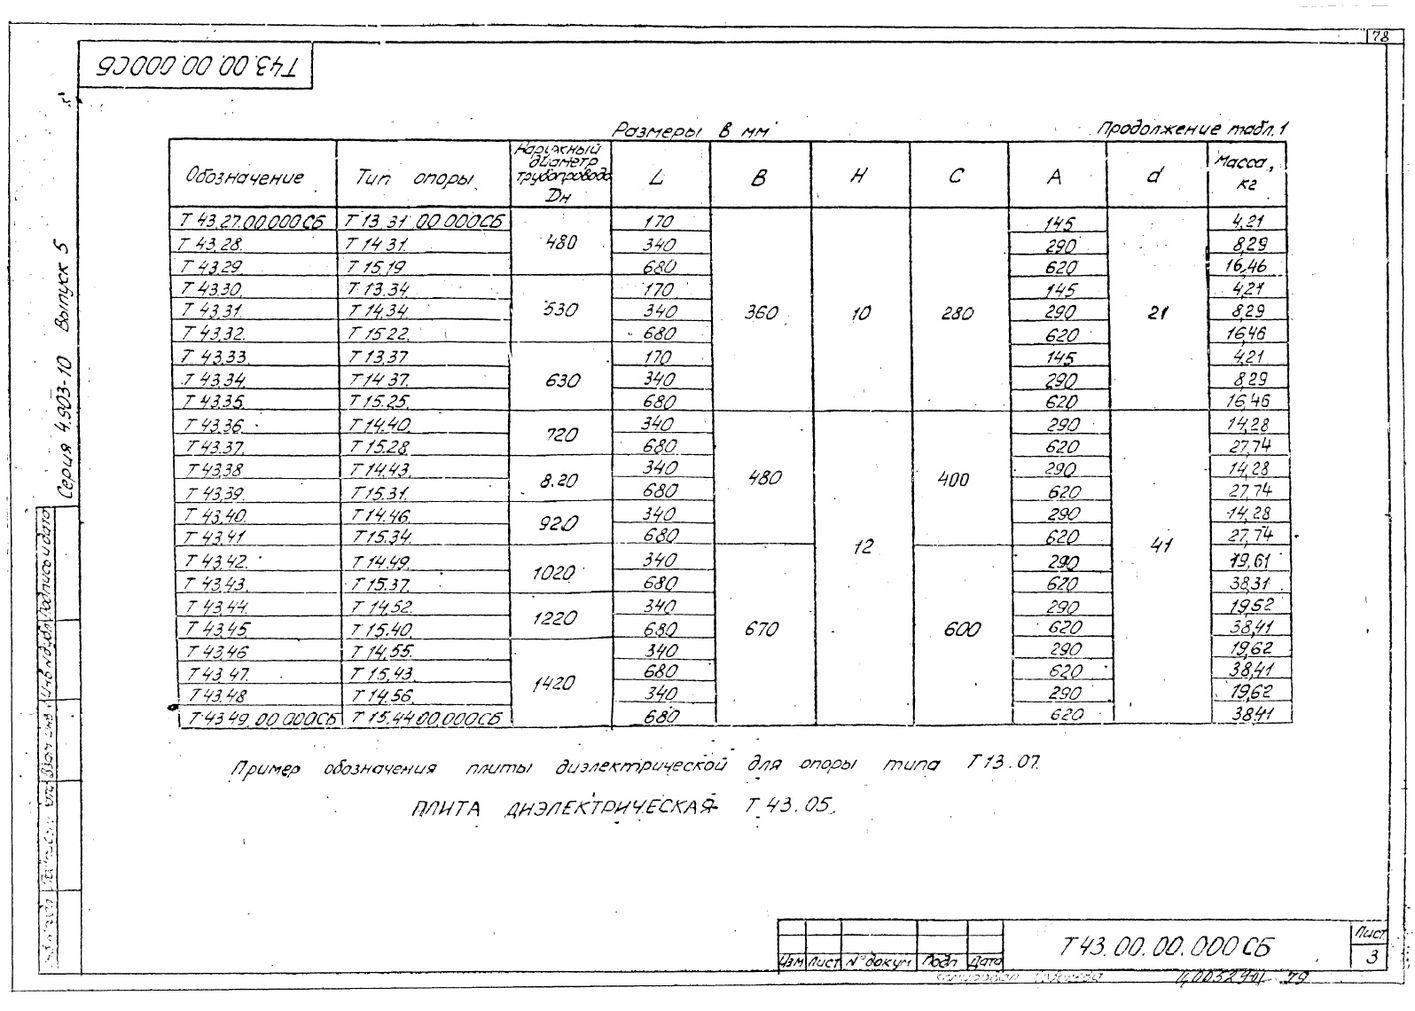 Плиты опорные с диэлектрической прокладкой Т43 серия 4.903-10 вып.5 стр.3